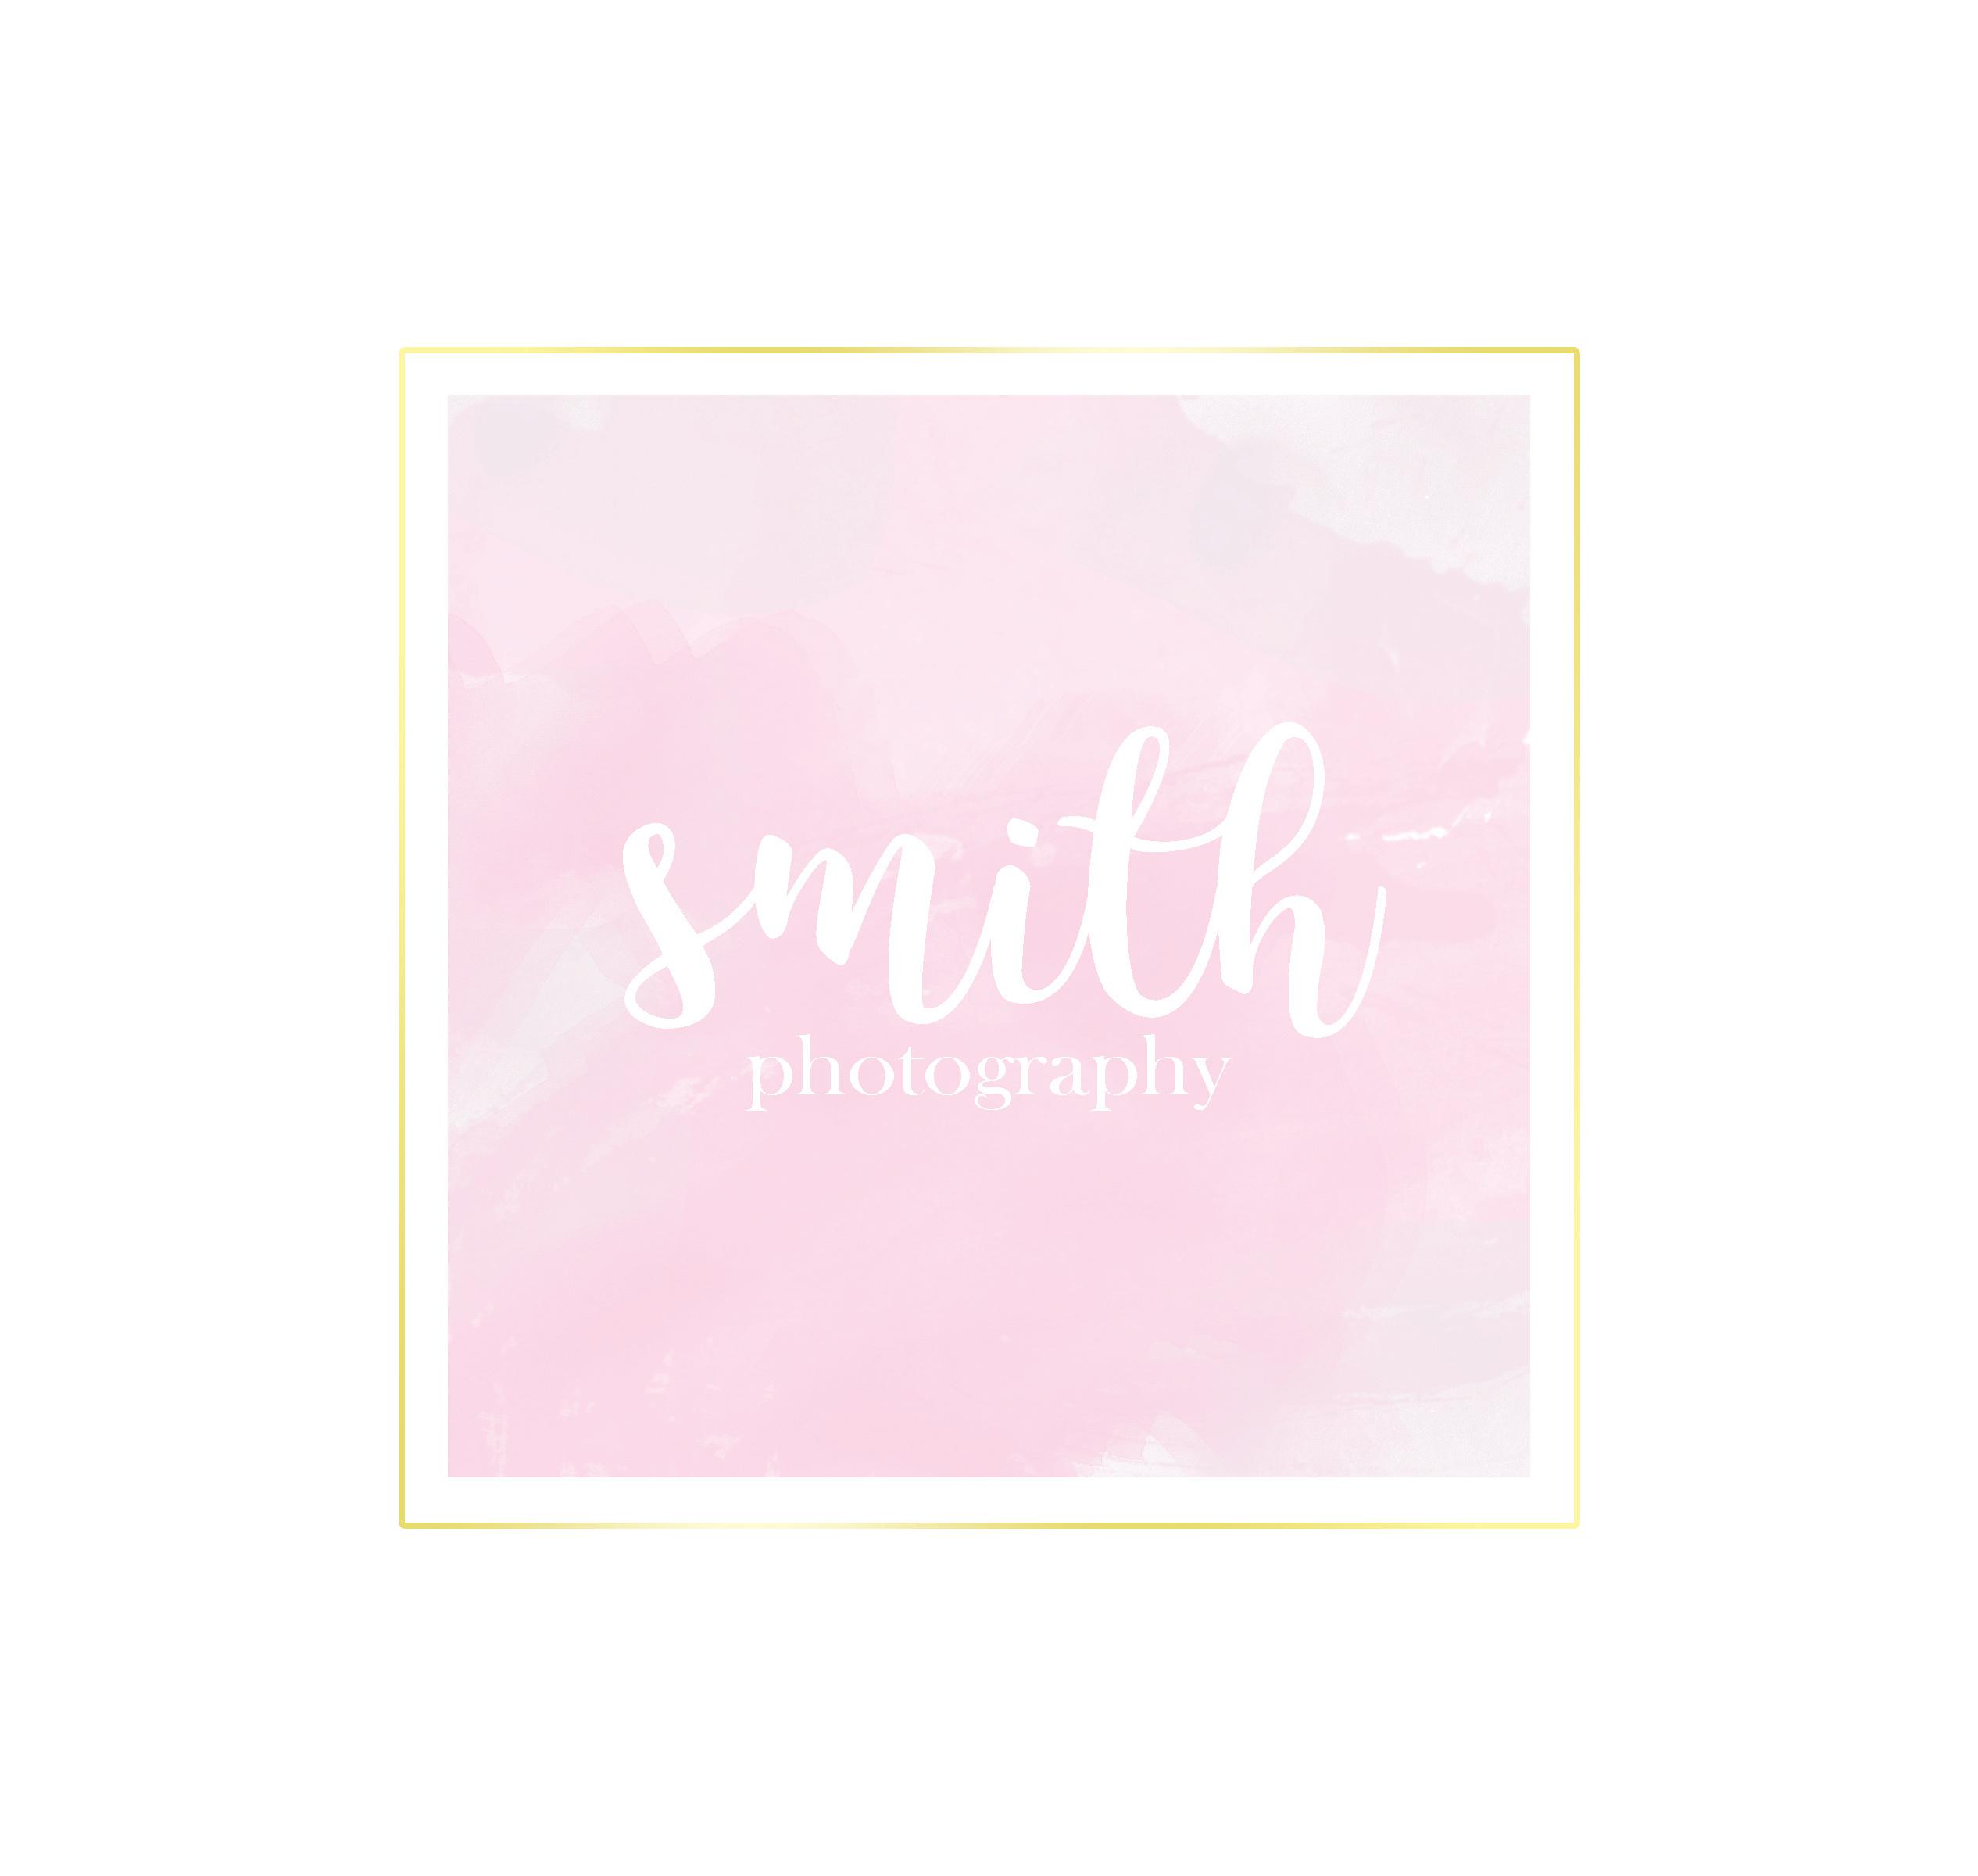 smithphoto